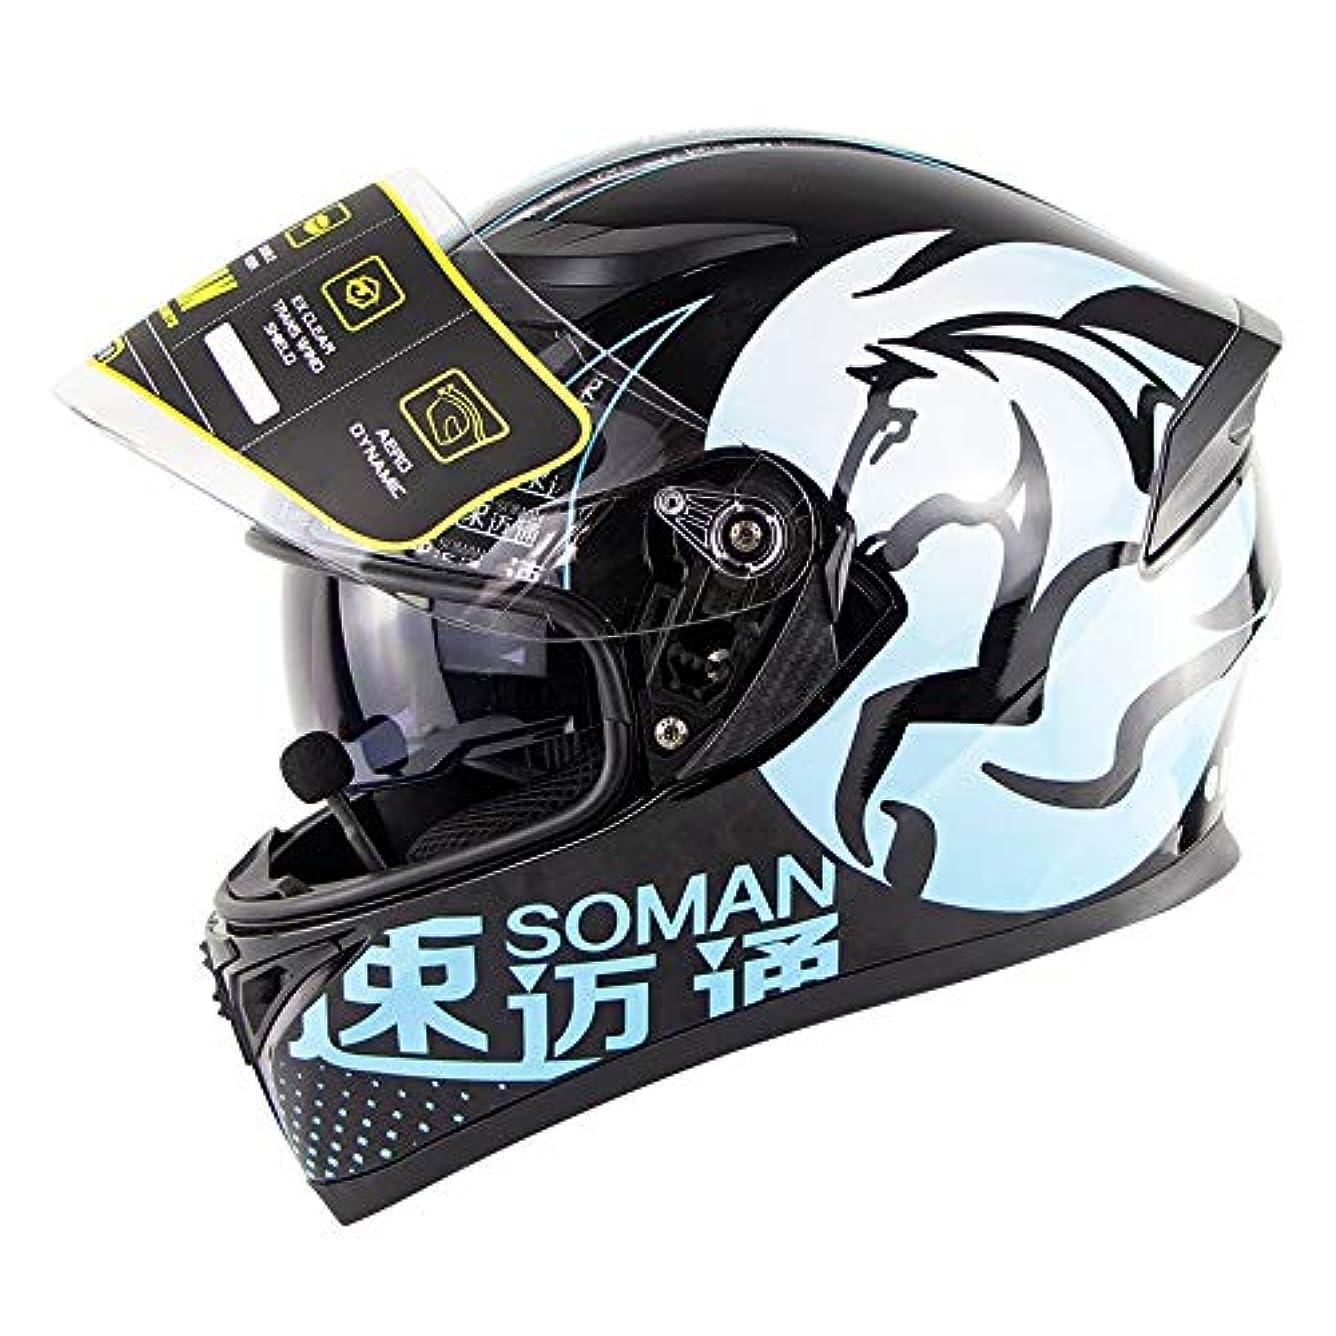 可能性くつろぐ仮定HYH Bluetoothオートバイヘルメットダブルレンズオープンフェイスヘルメット電動オートバイヘルメット男性と女性のための Bluetoothヘッドセット安全ヘルメット通気性の快適さ - ブラック/ホワイト いい人生 (Size : L)